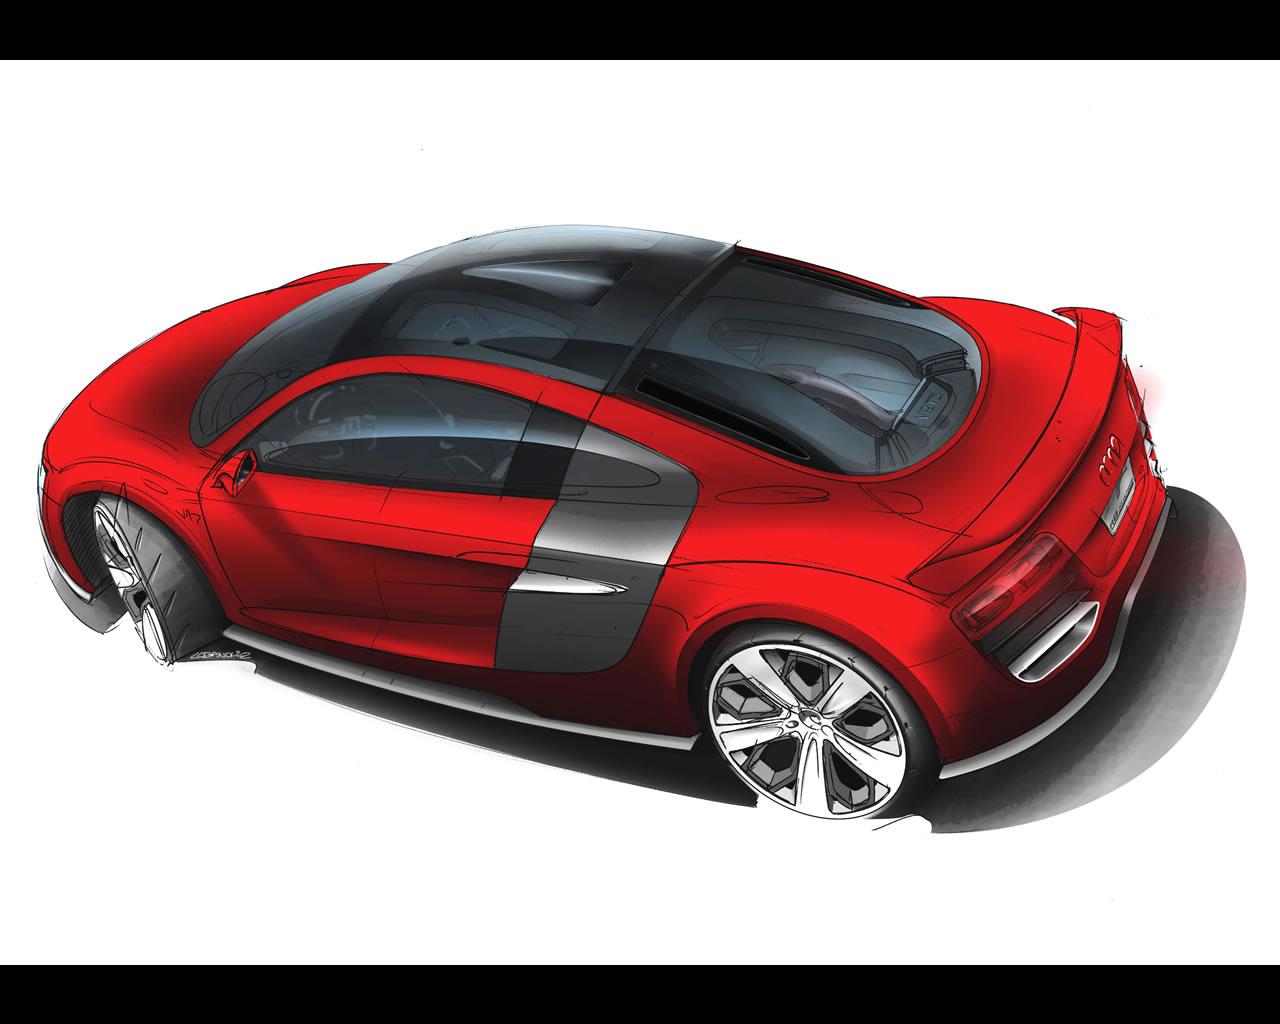 2008 Audi R8 Hqdefault Jpg Audi R8 V10 2016 Pictures